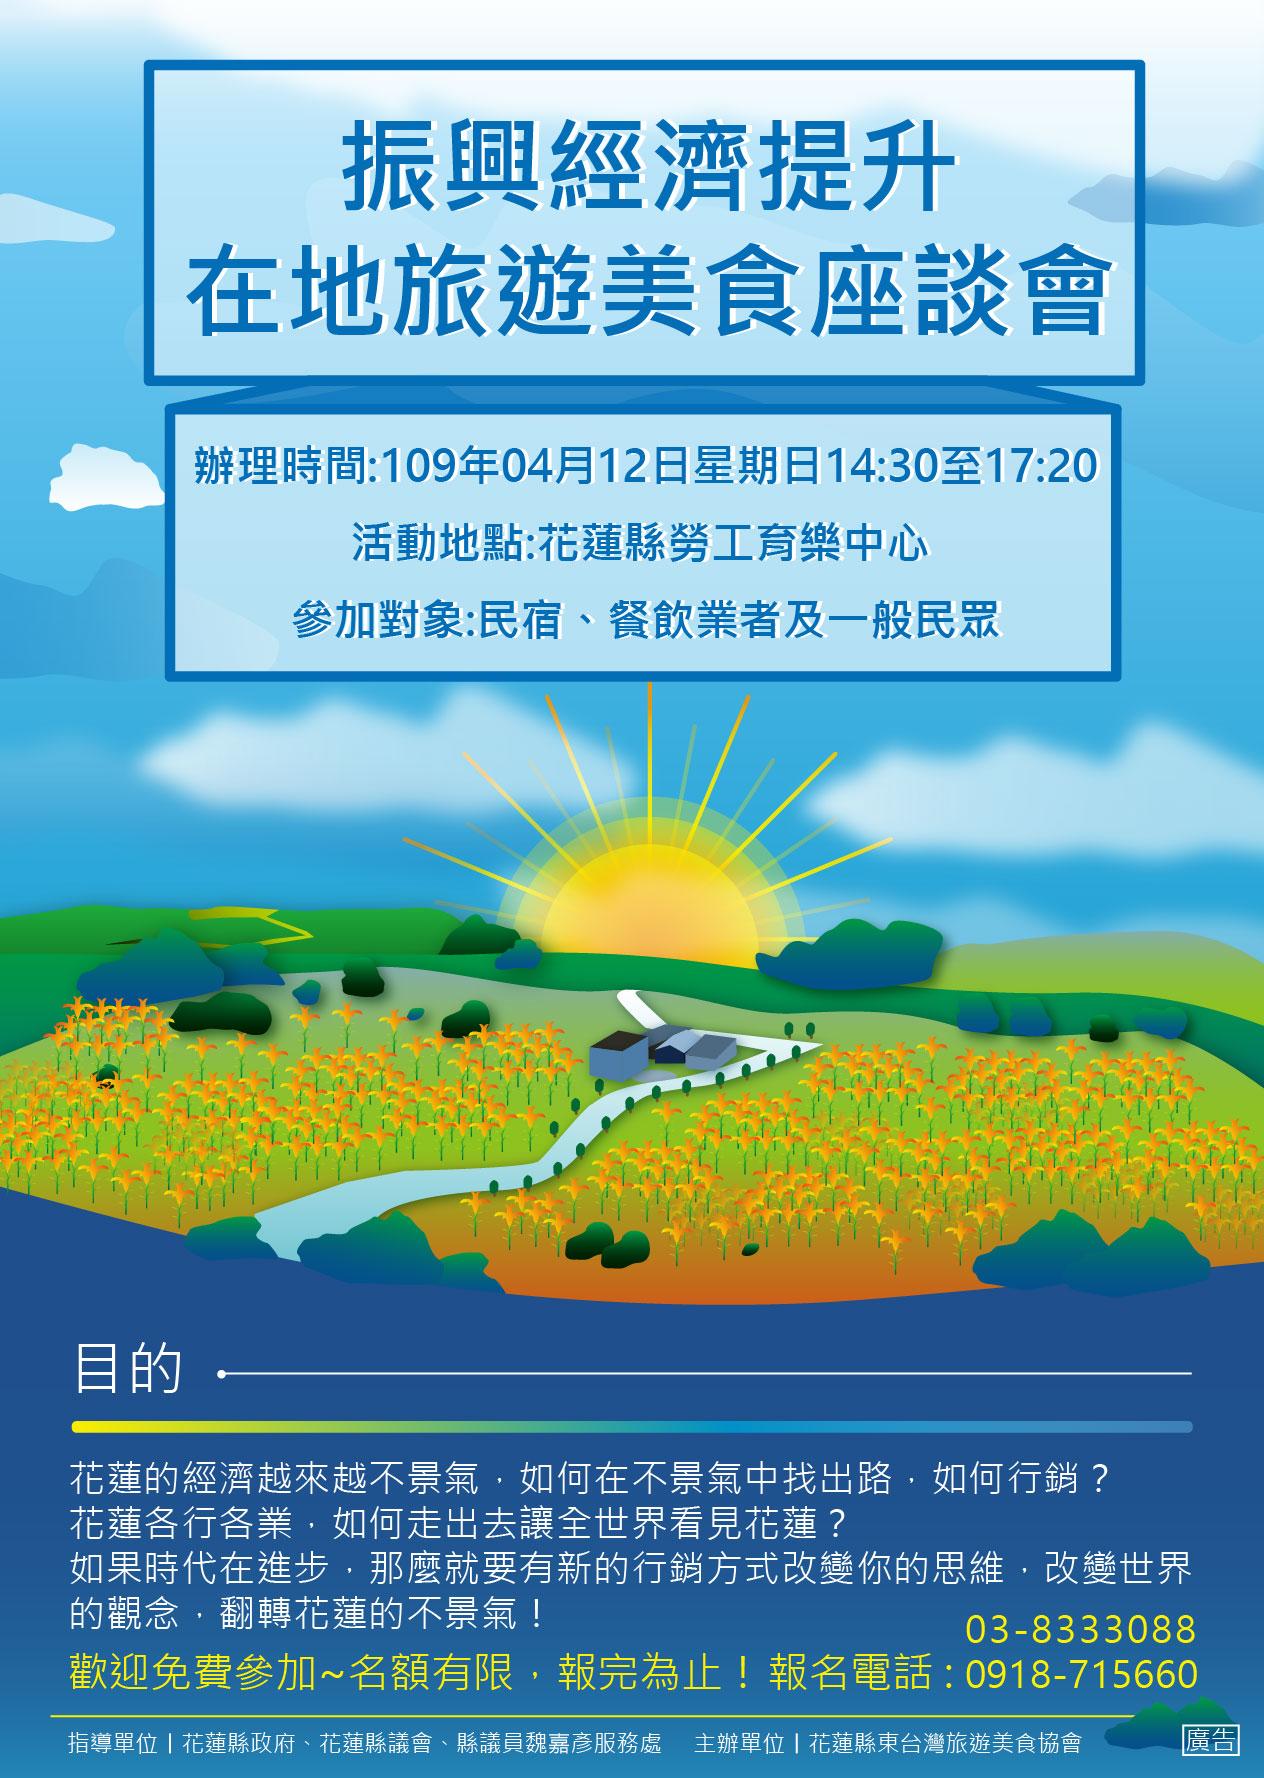 花蓮縣東台灣旅遊美食協會-01